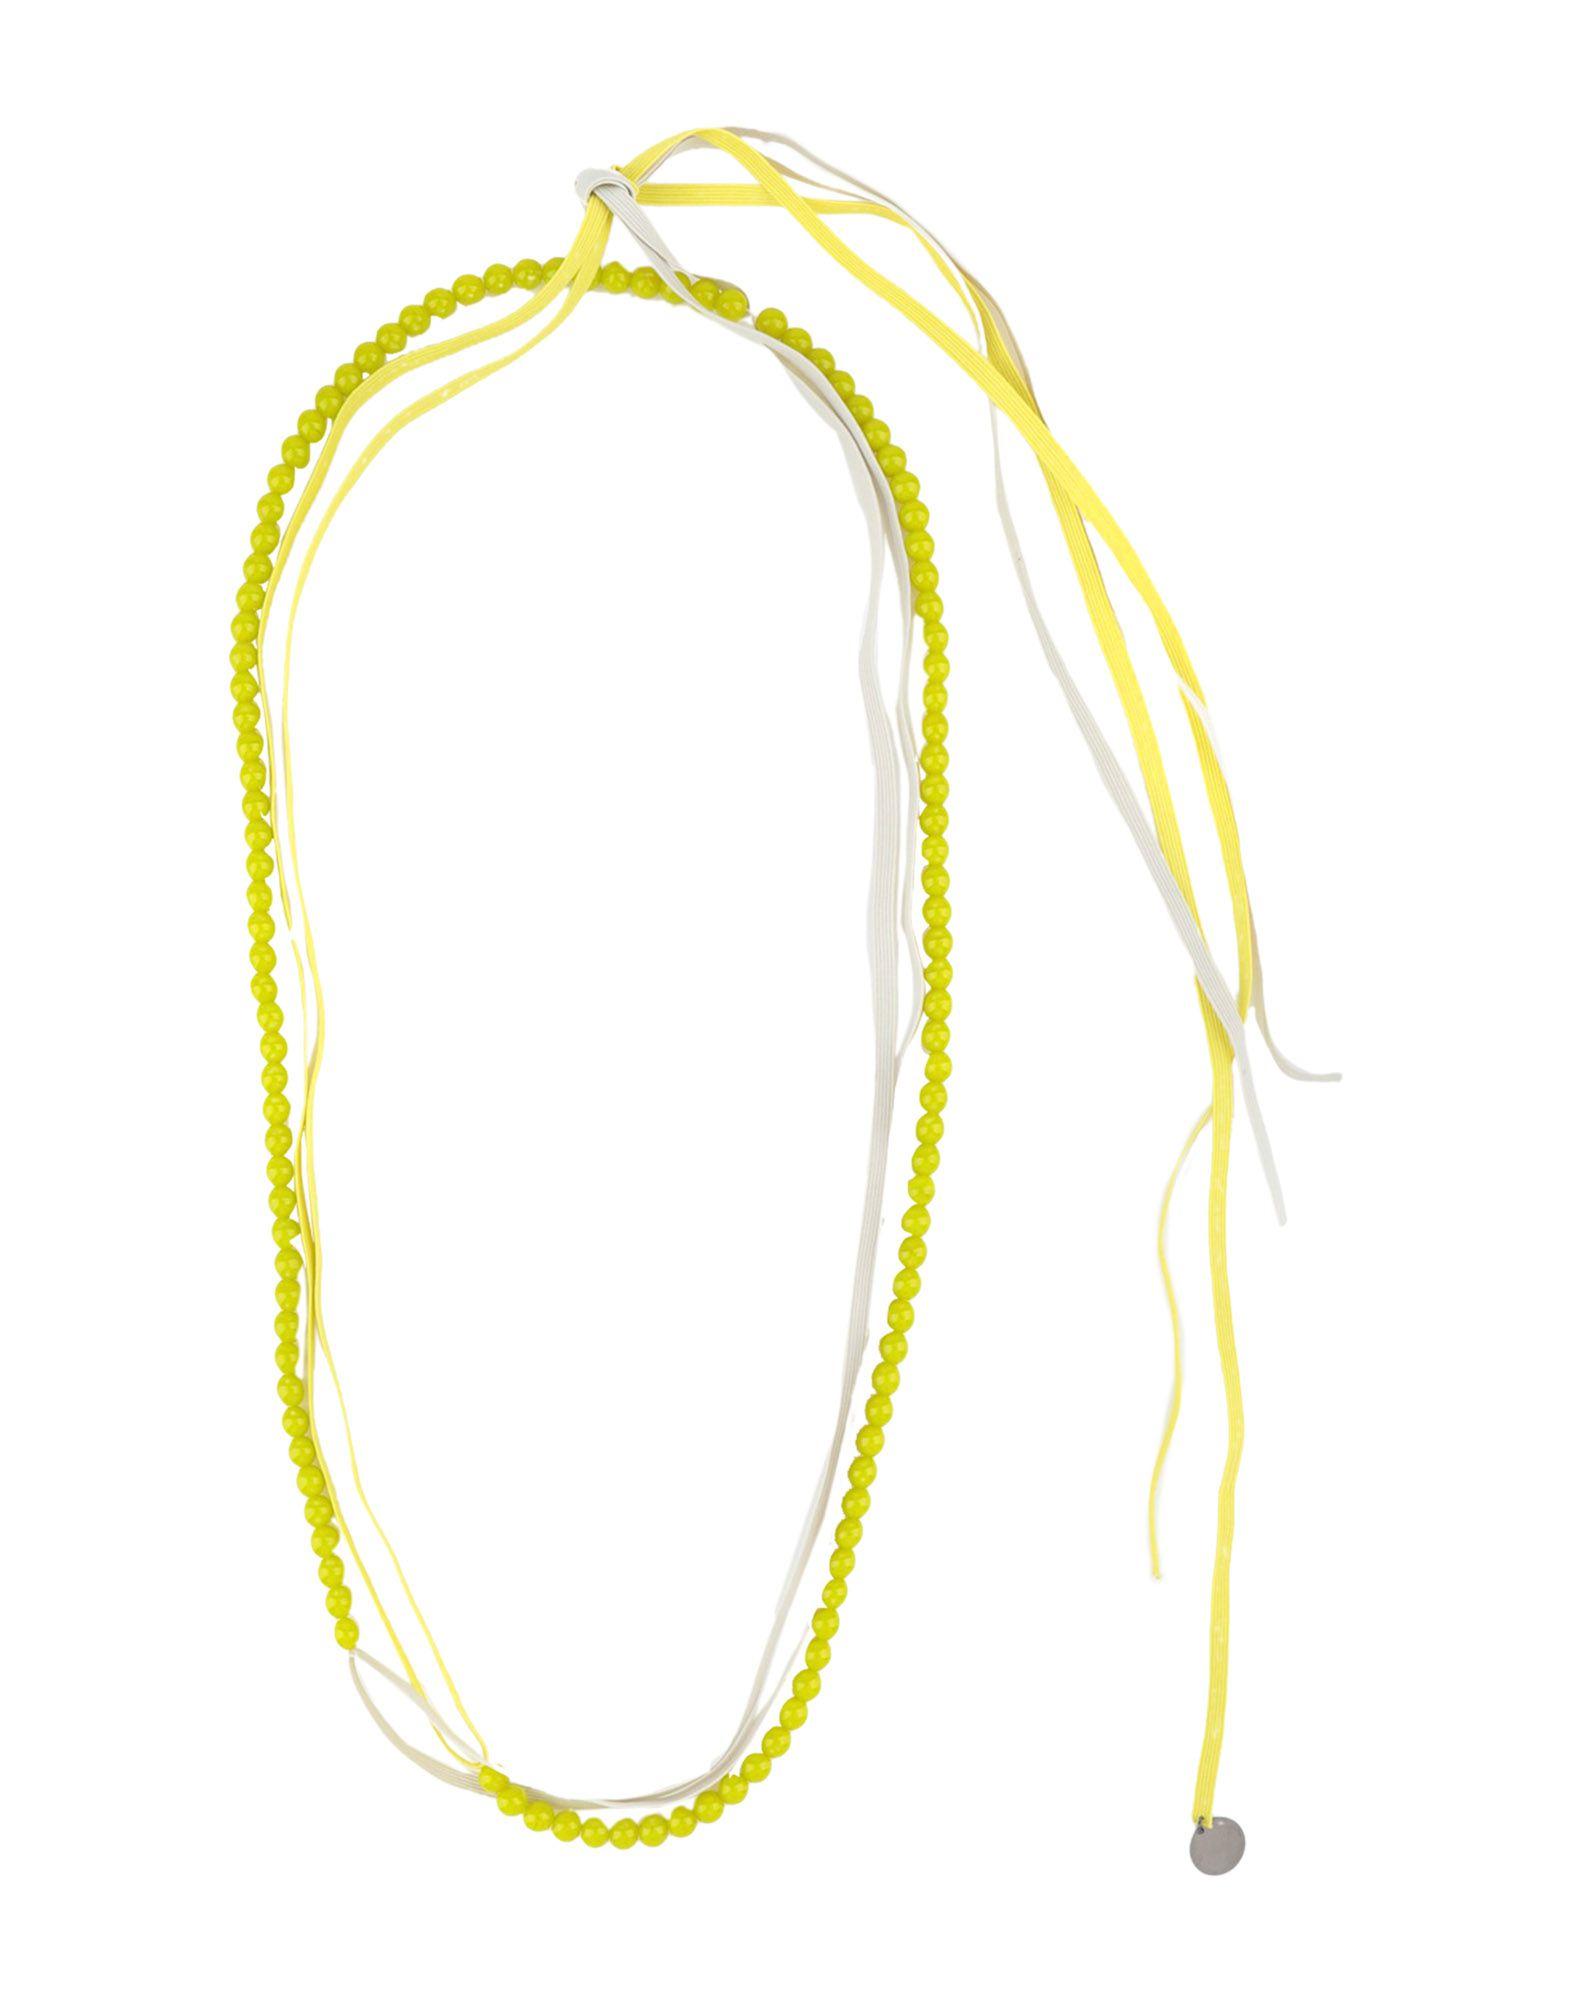 《セール開催中》MARIA CALDERARA レディース ネックレス ライトグリーン コットン / ガラス / ゴム